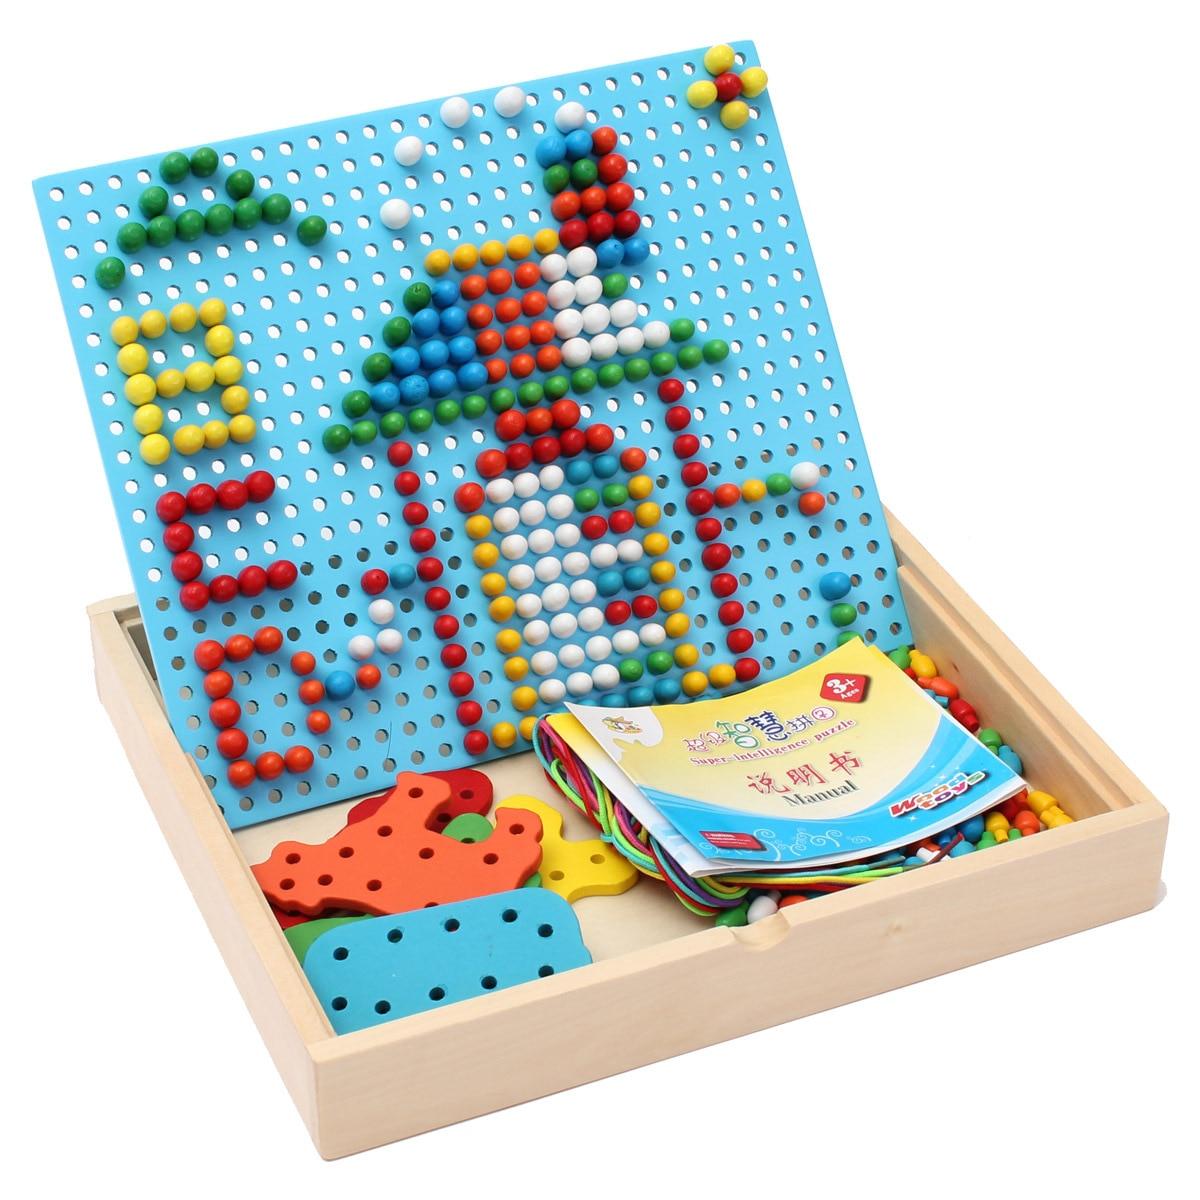 Livraison gratuite enfants en bois jouets super intelligent puzzle, petit champignon puzzle, enfants en bois de jouets Montessori